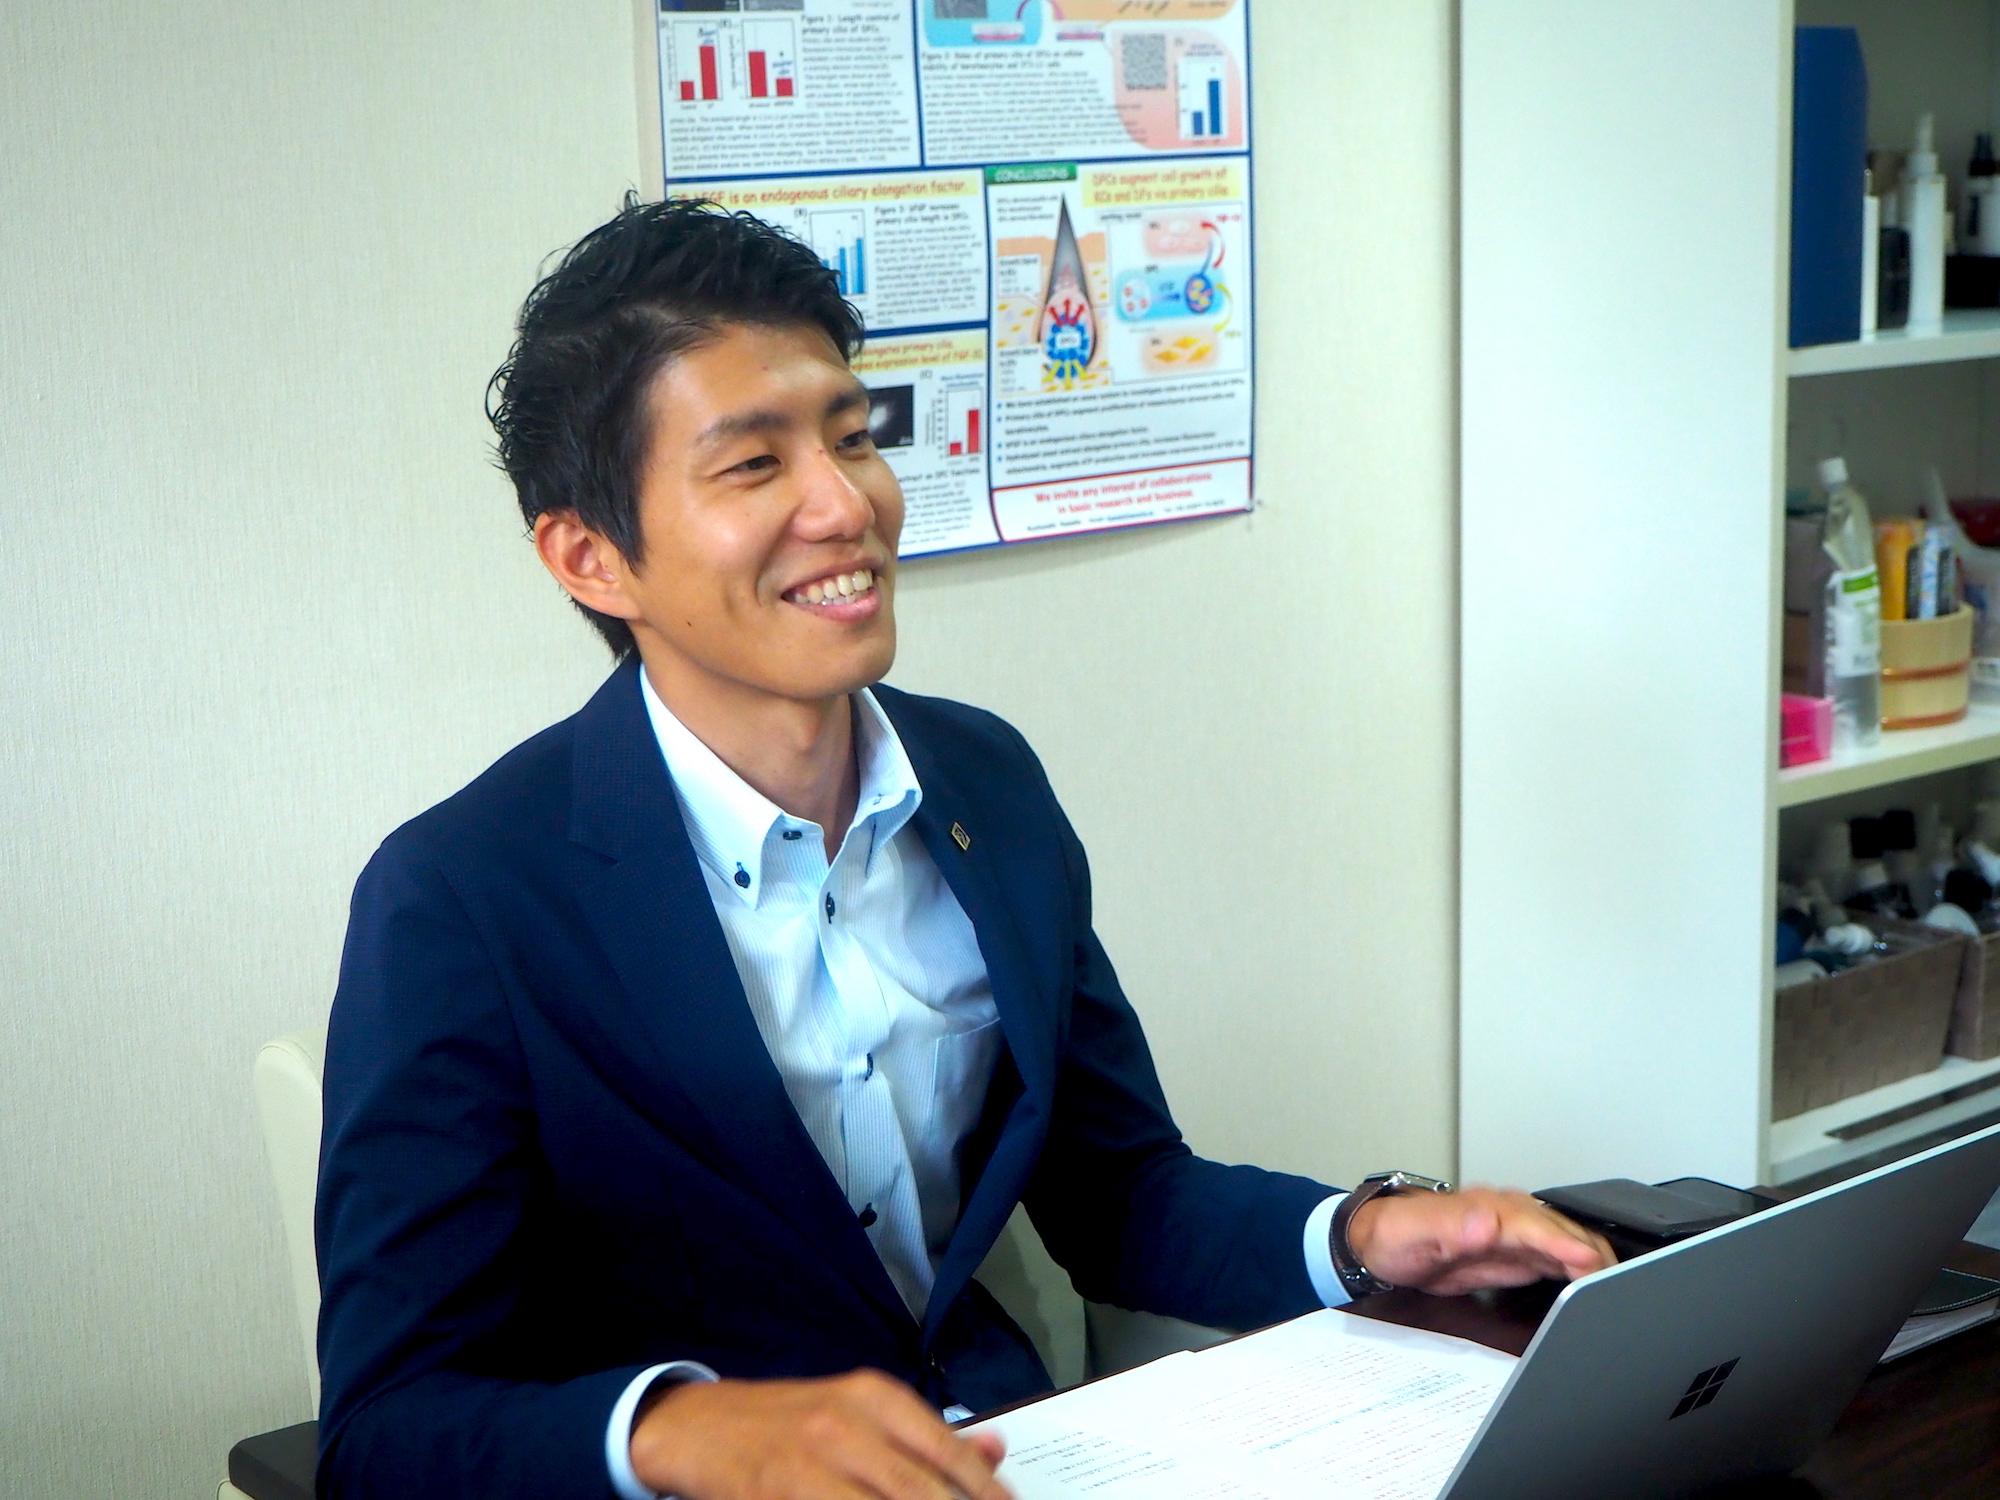 株式会社サラヴィオ化粧品濱田社長の写真